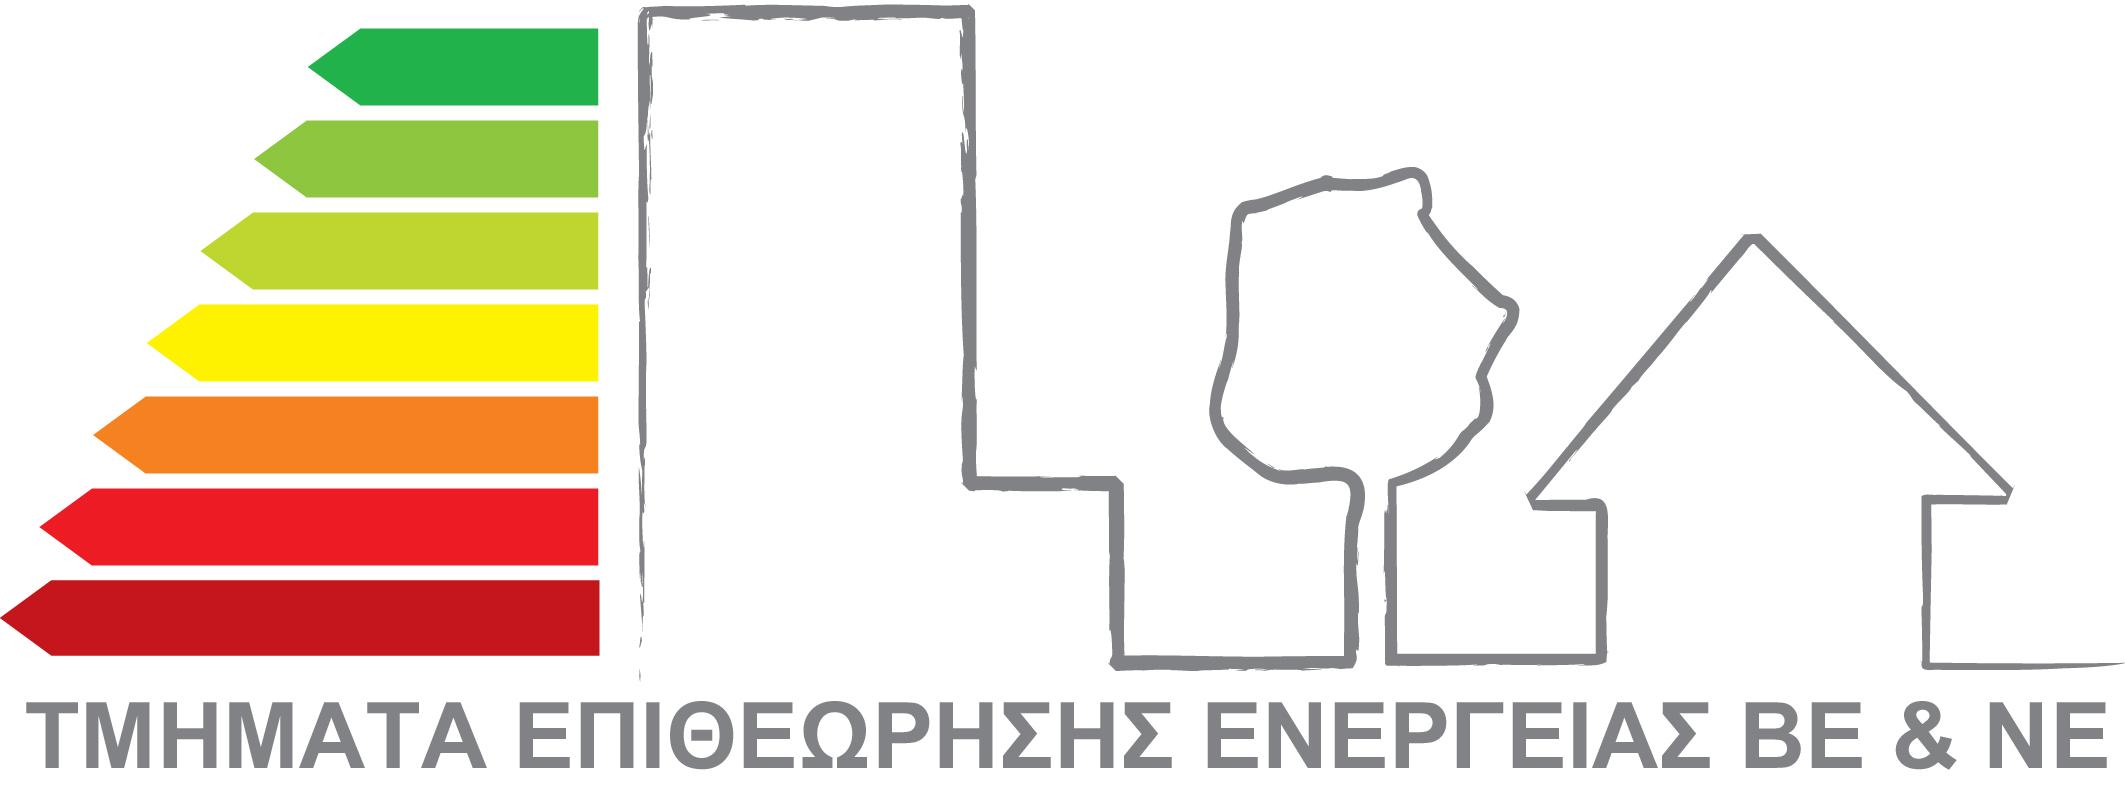 eyepen_logo